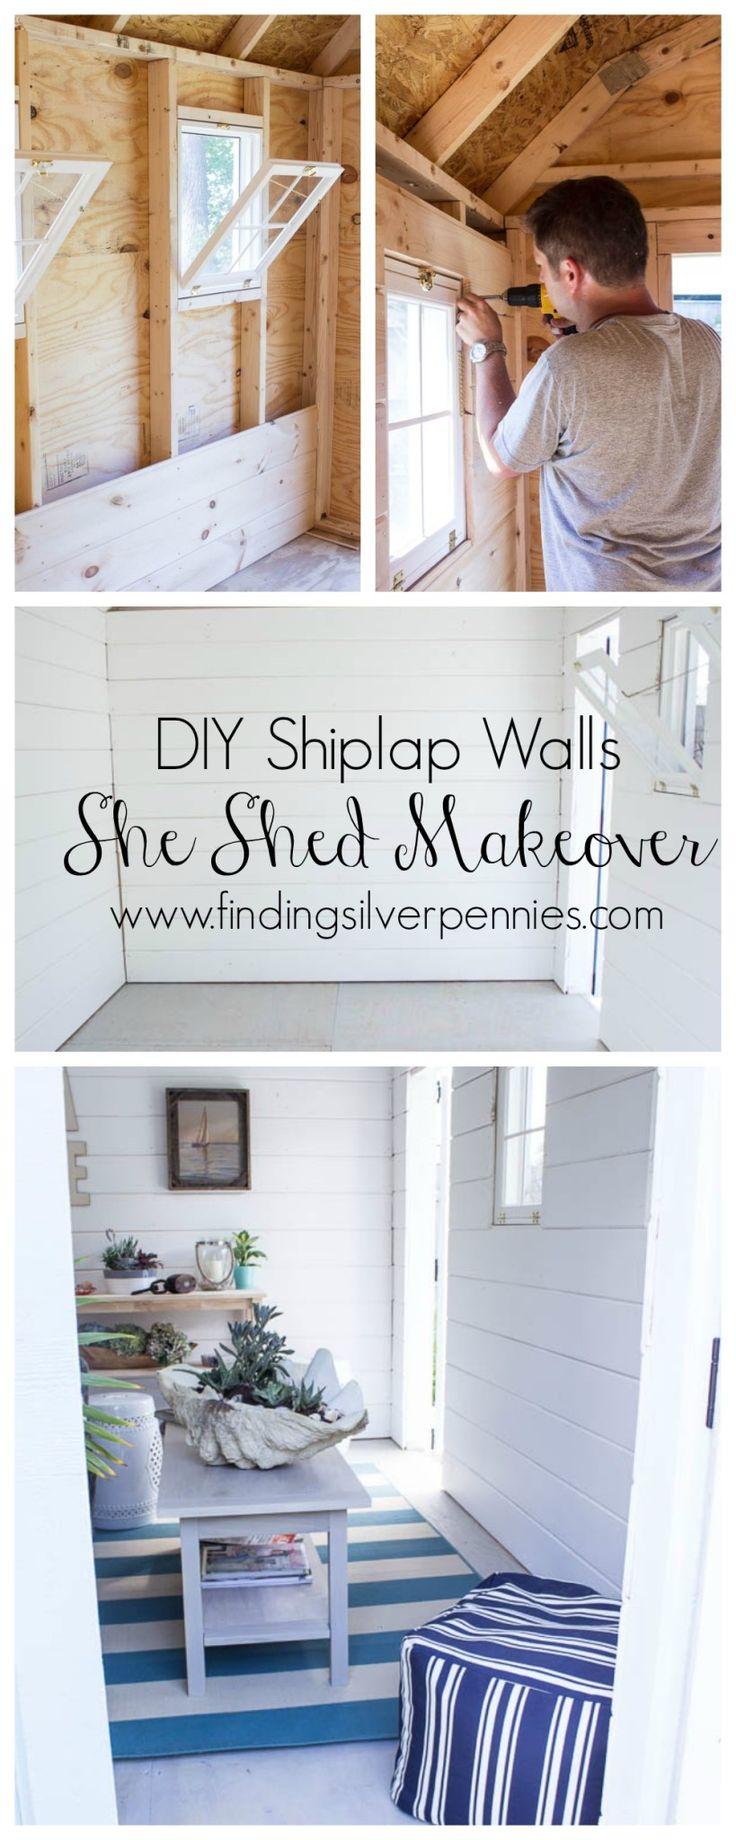 DIY Shiplap walls She Shed Makeover #sheshed #shiplap @homedepot #sponsored